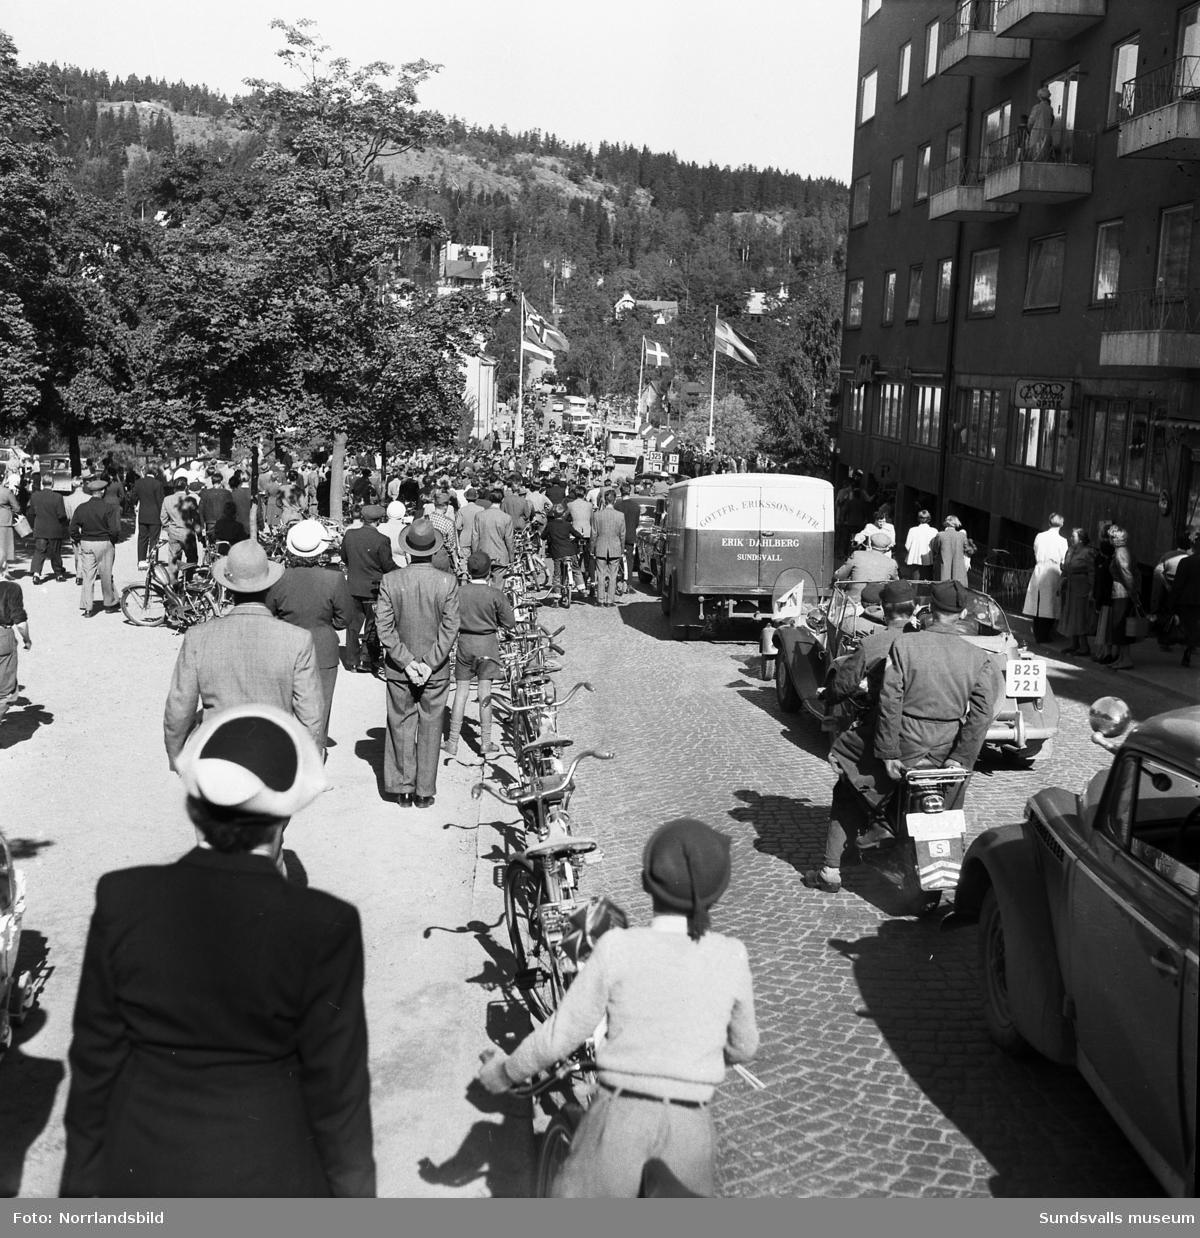 Starten för Dagens Nyheters sexdagarslopp på cykel går på Floragatan invid Läroverket. Massor av åskådare kantar gatorna och trafiken stoppas upp då klungan passerar Storbron.